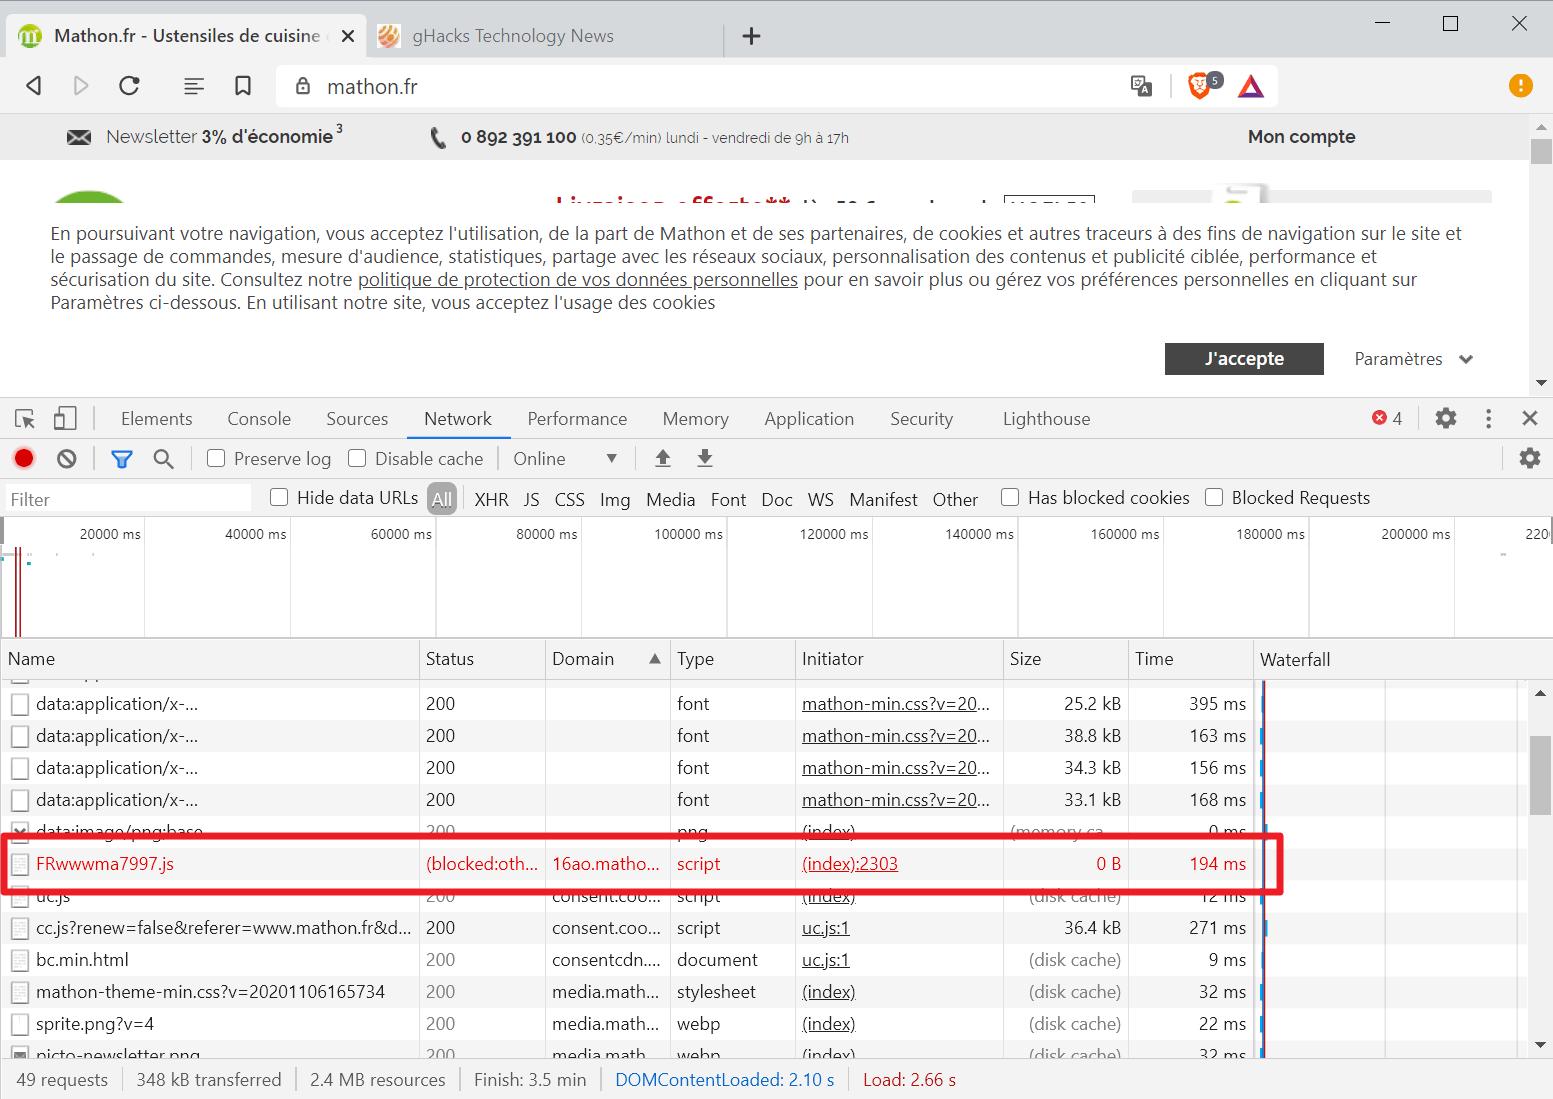 brave-browser-cname based cloaking blocked